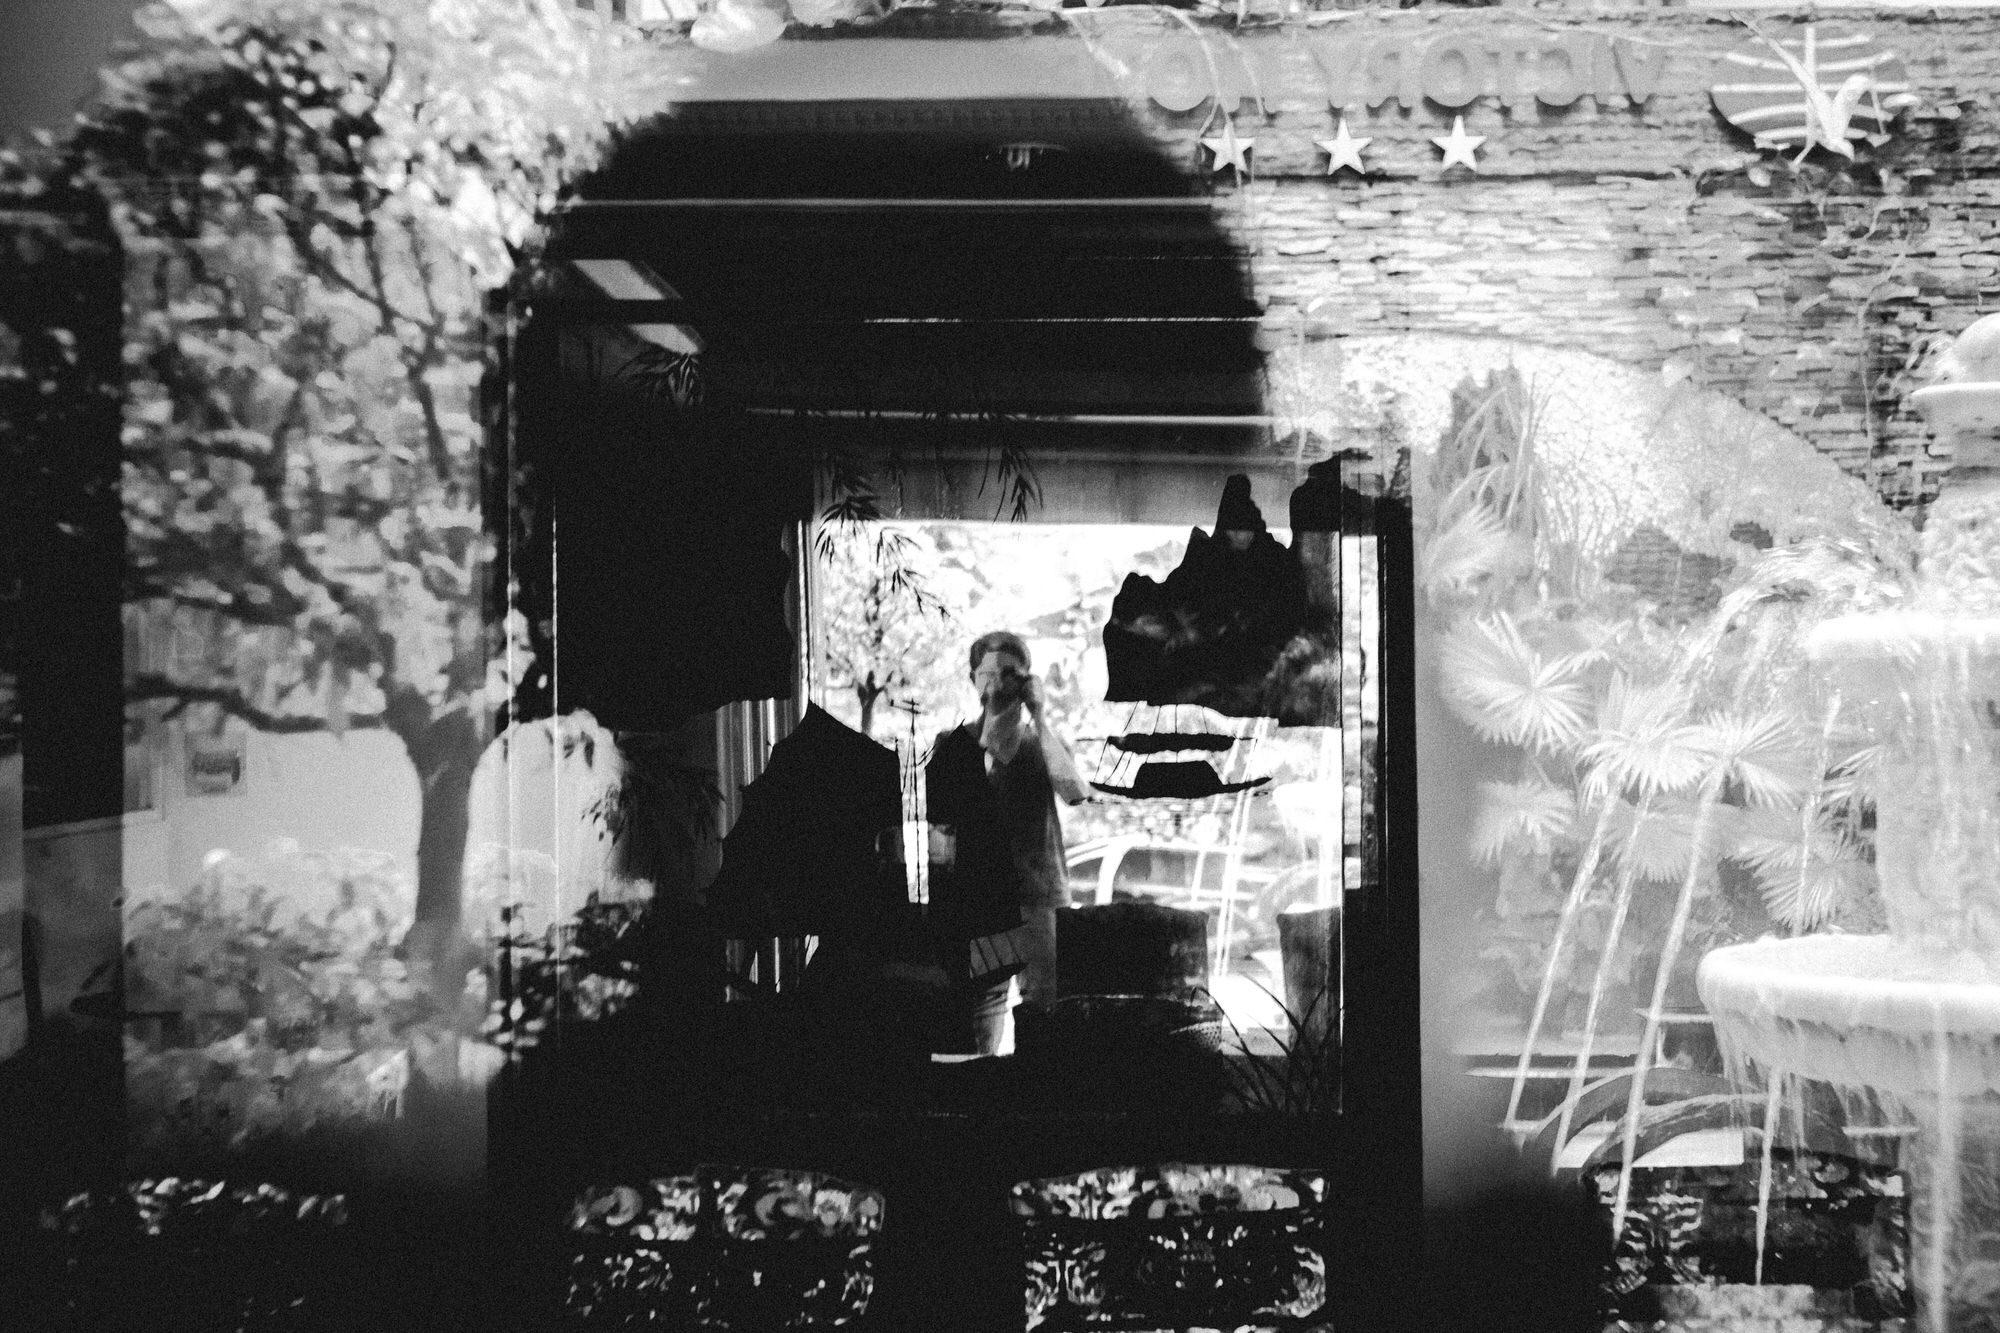 Selfie inside frame. Saigon, 2015